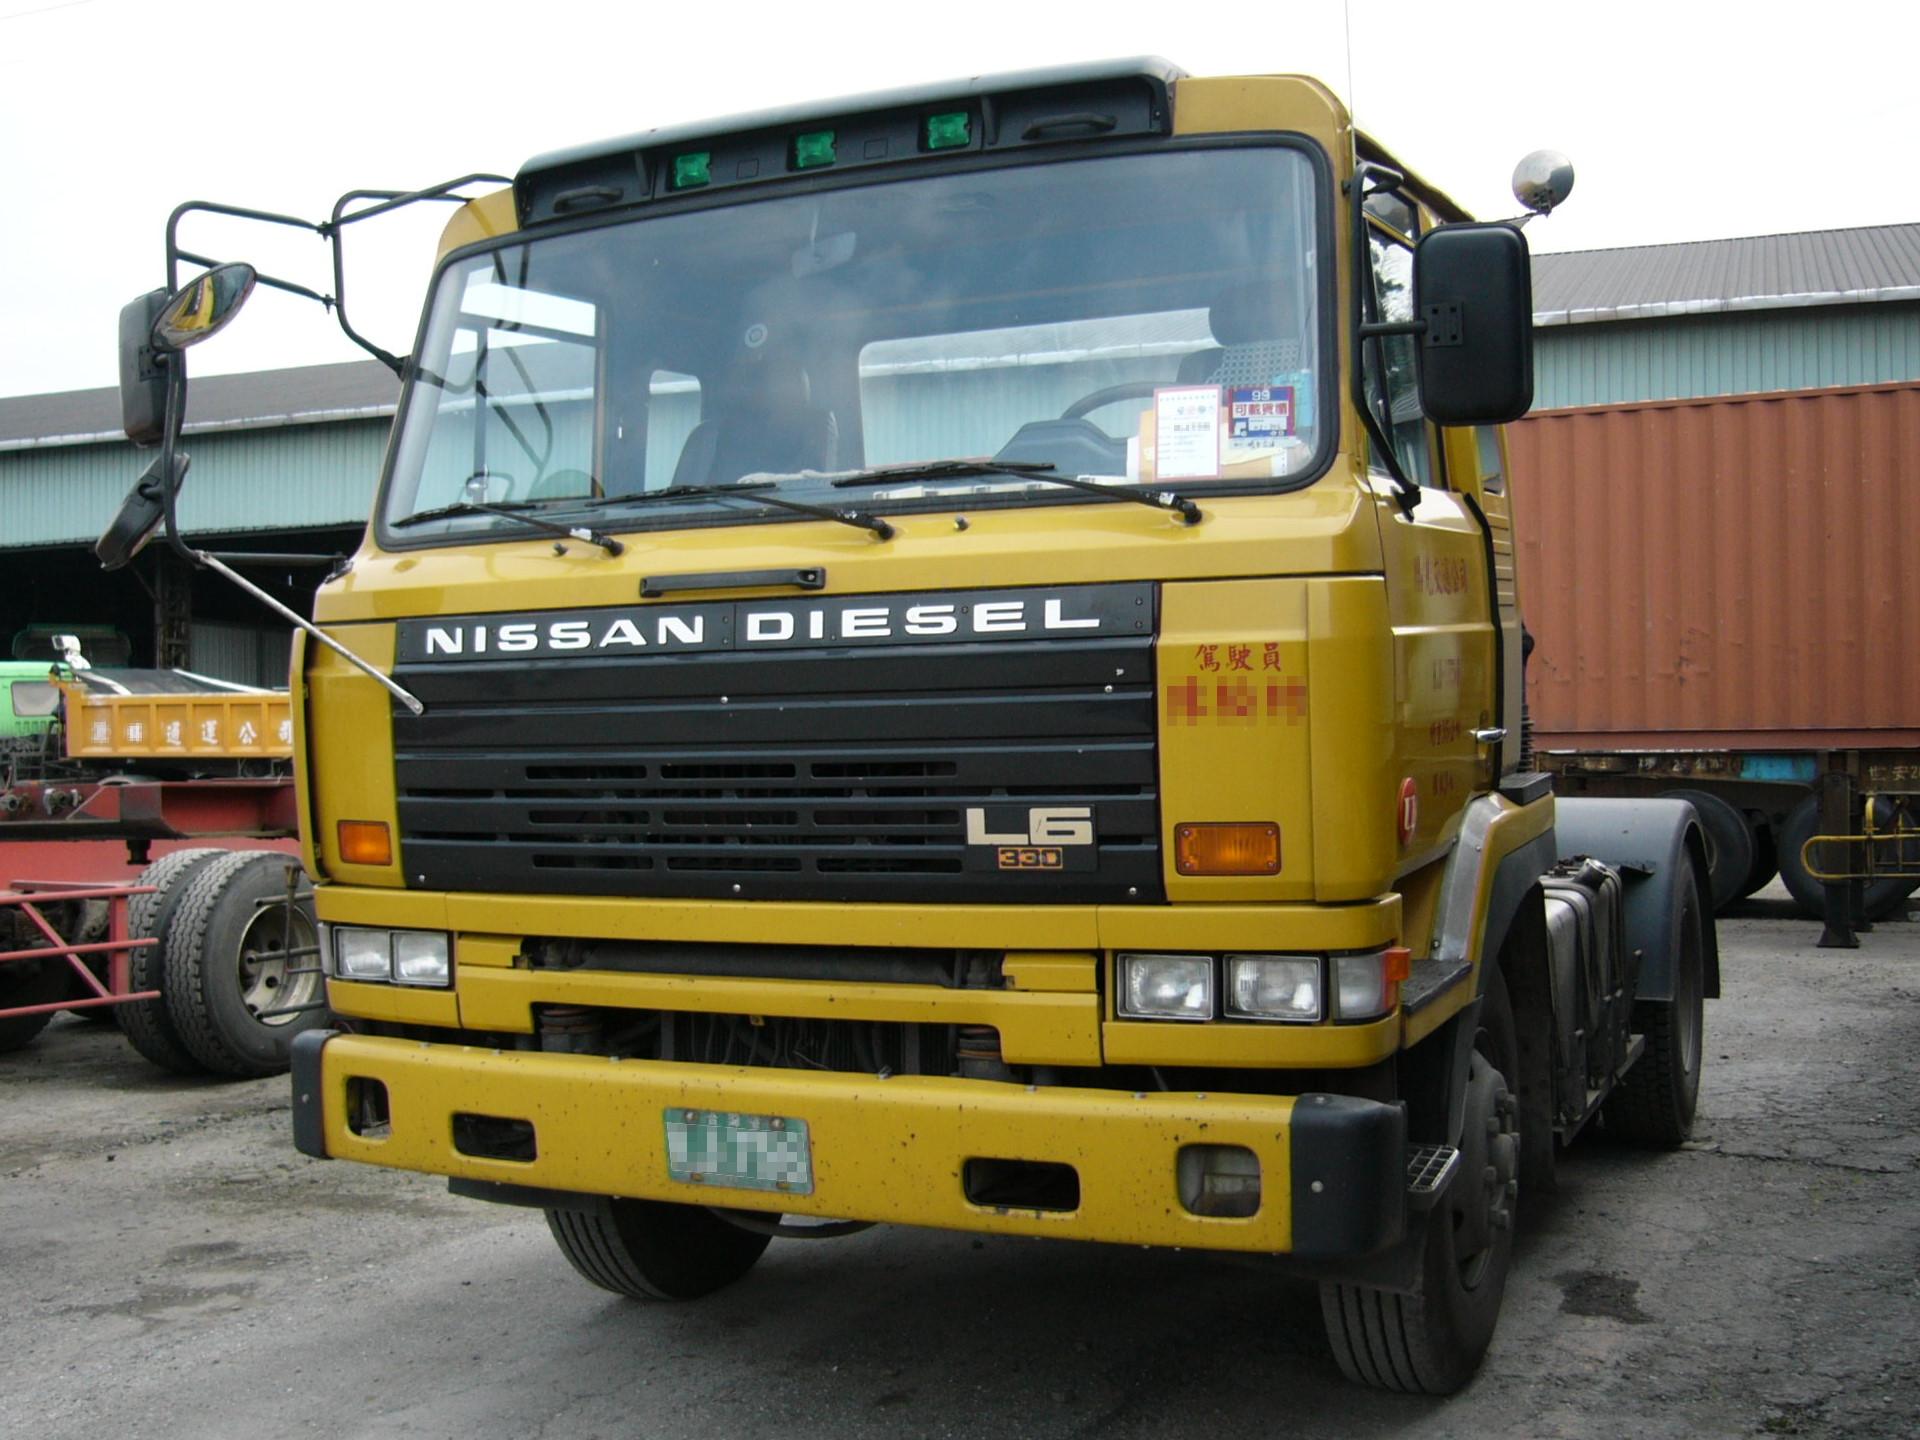 file nissan diesel l6 330 tractor unit in. Black Bedroom Furniture Sets. Home Design Ideas